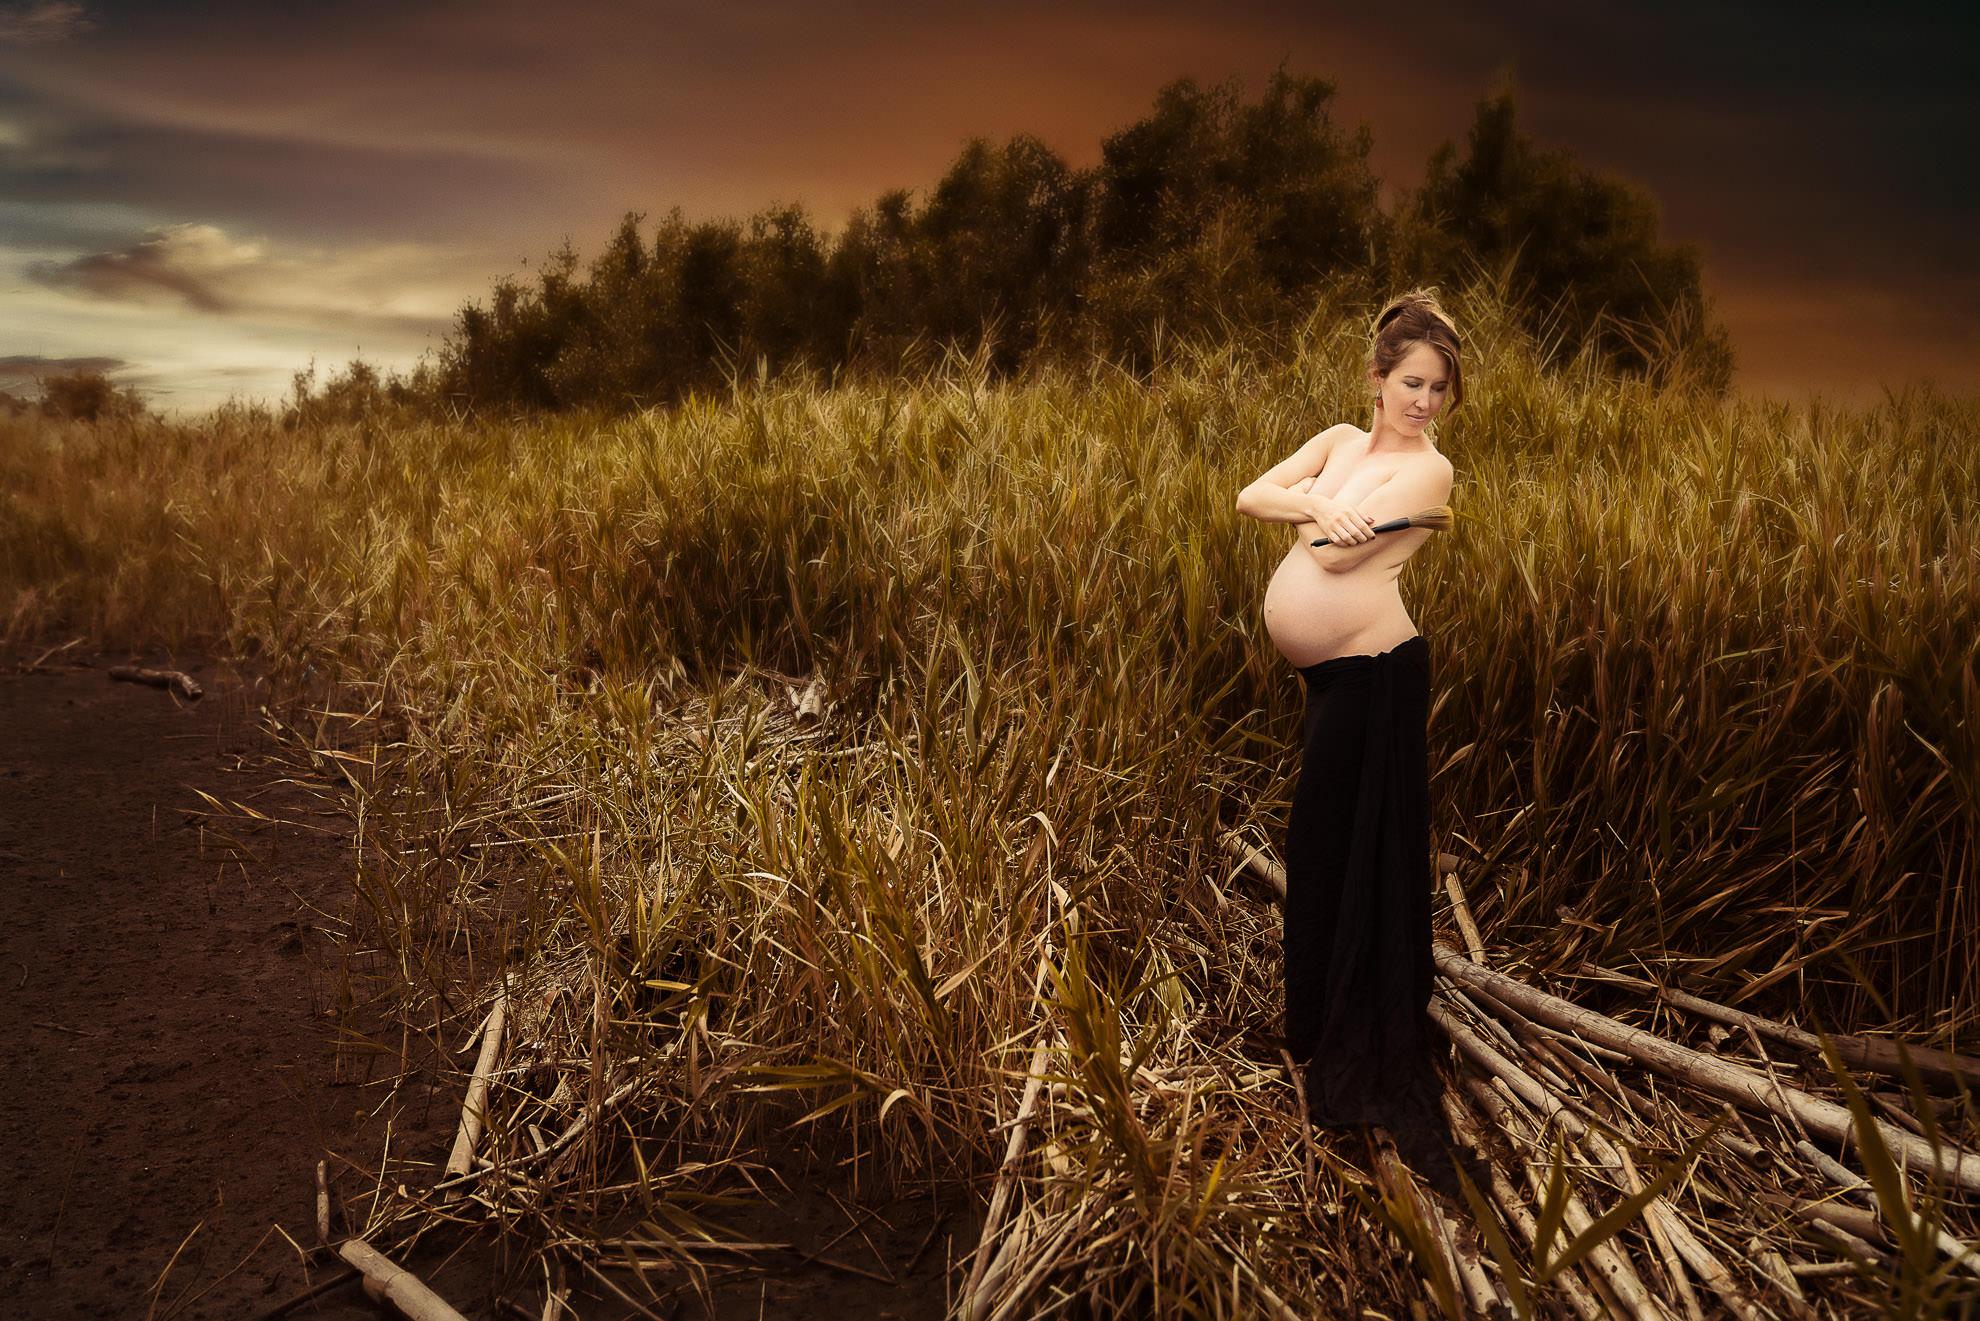 Maternity - マタニティフォト